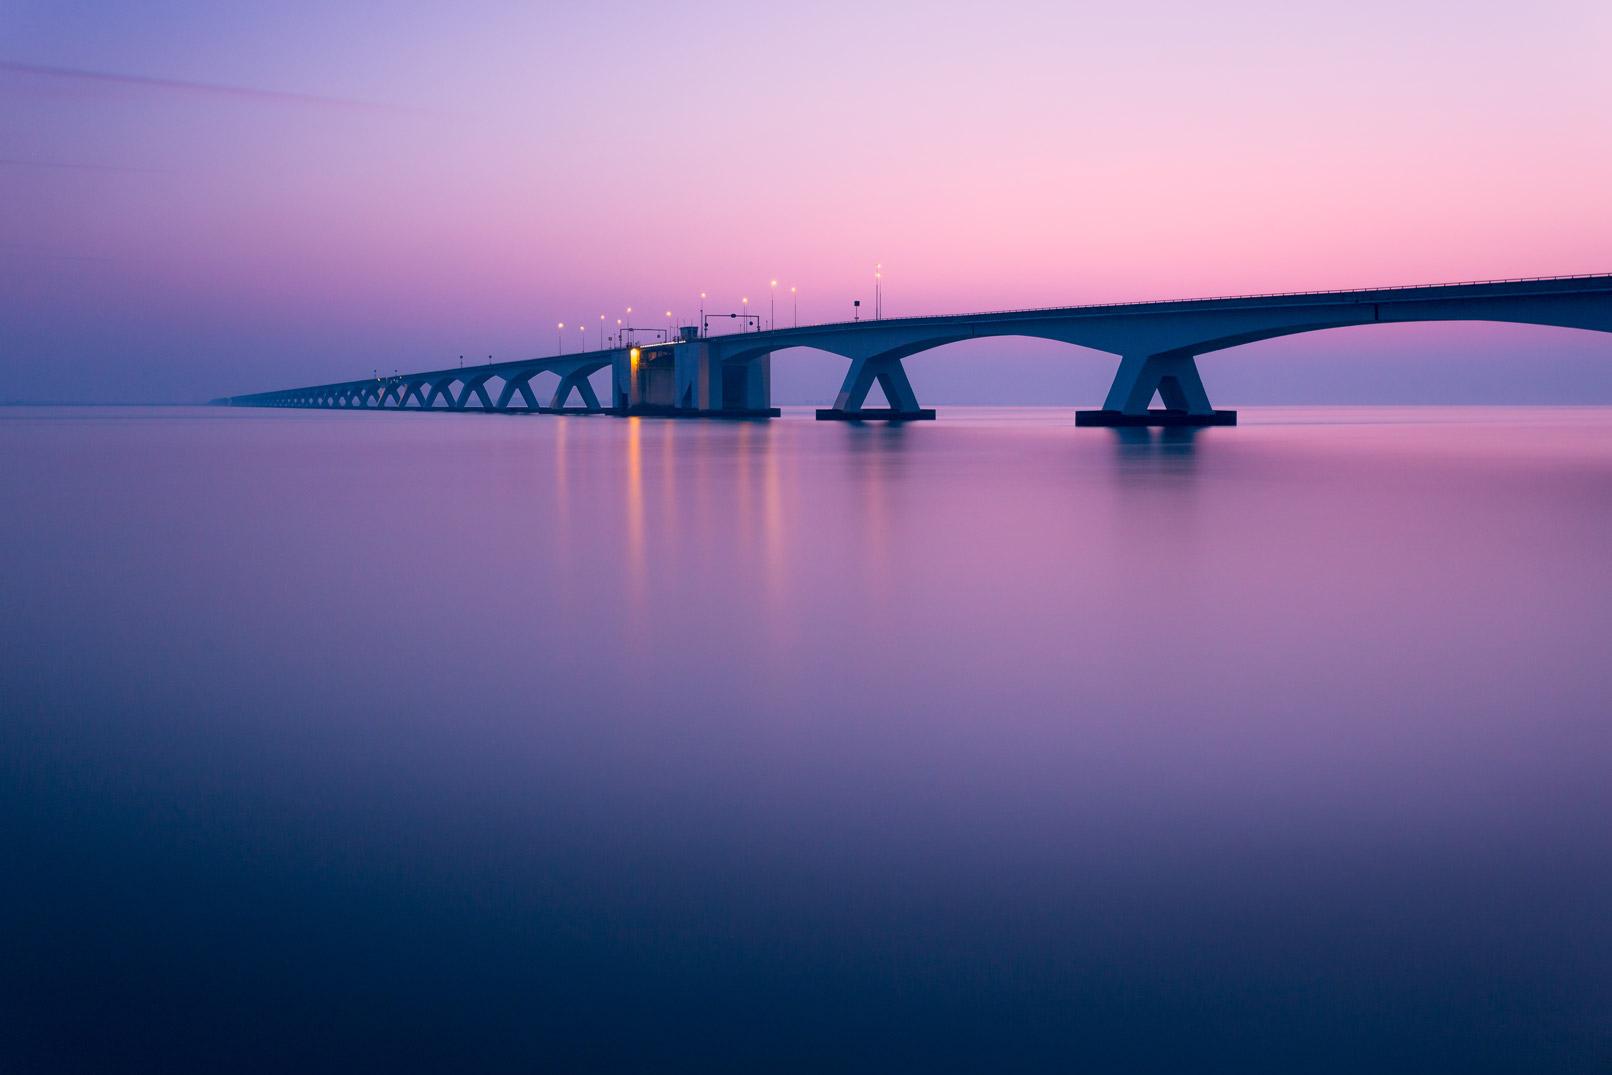 Brücke über Wasser, durch die Langzeitbelichtung wirkt die Wasseroberfläche glatt